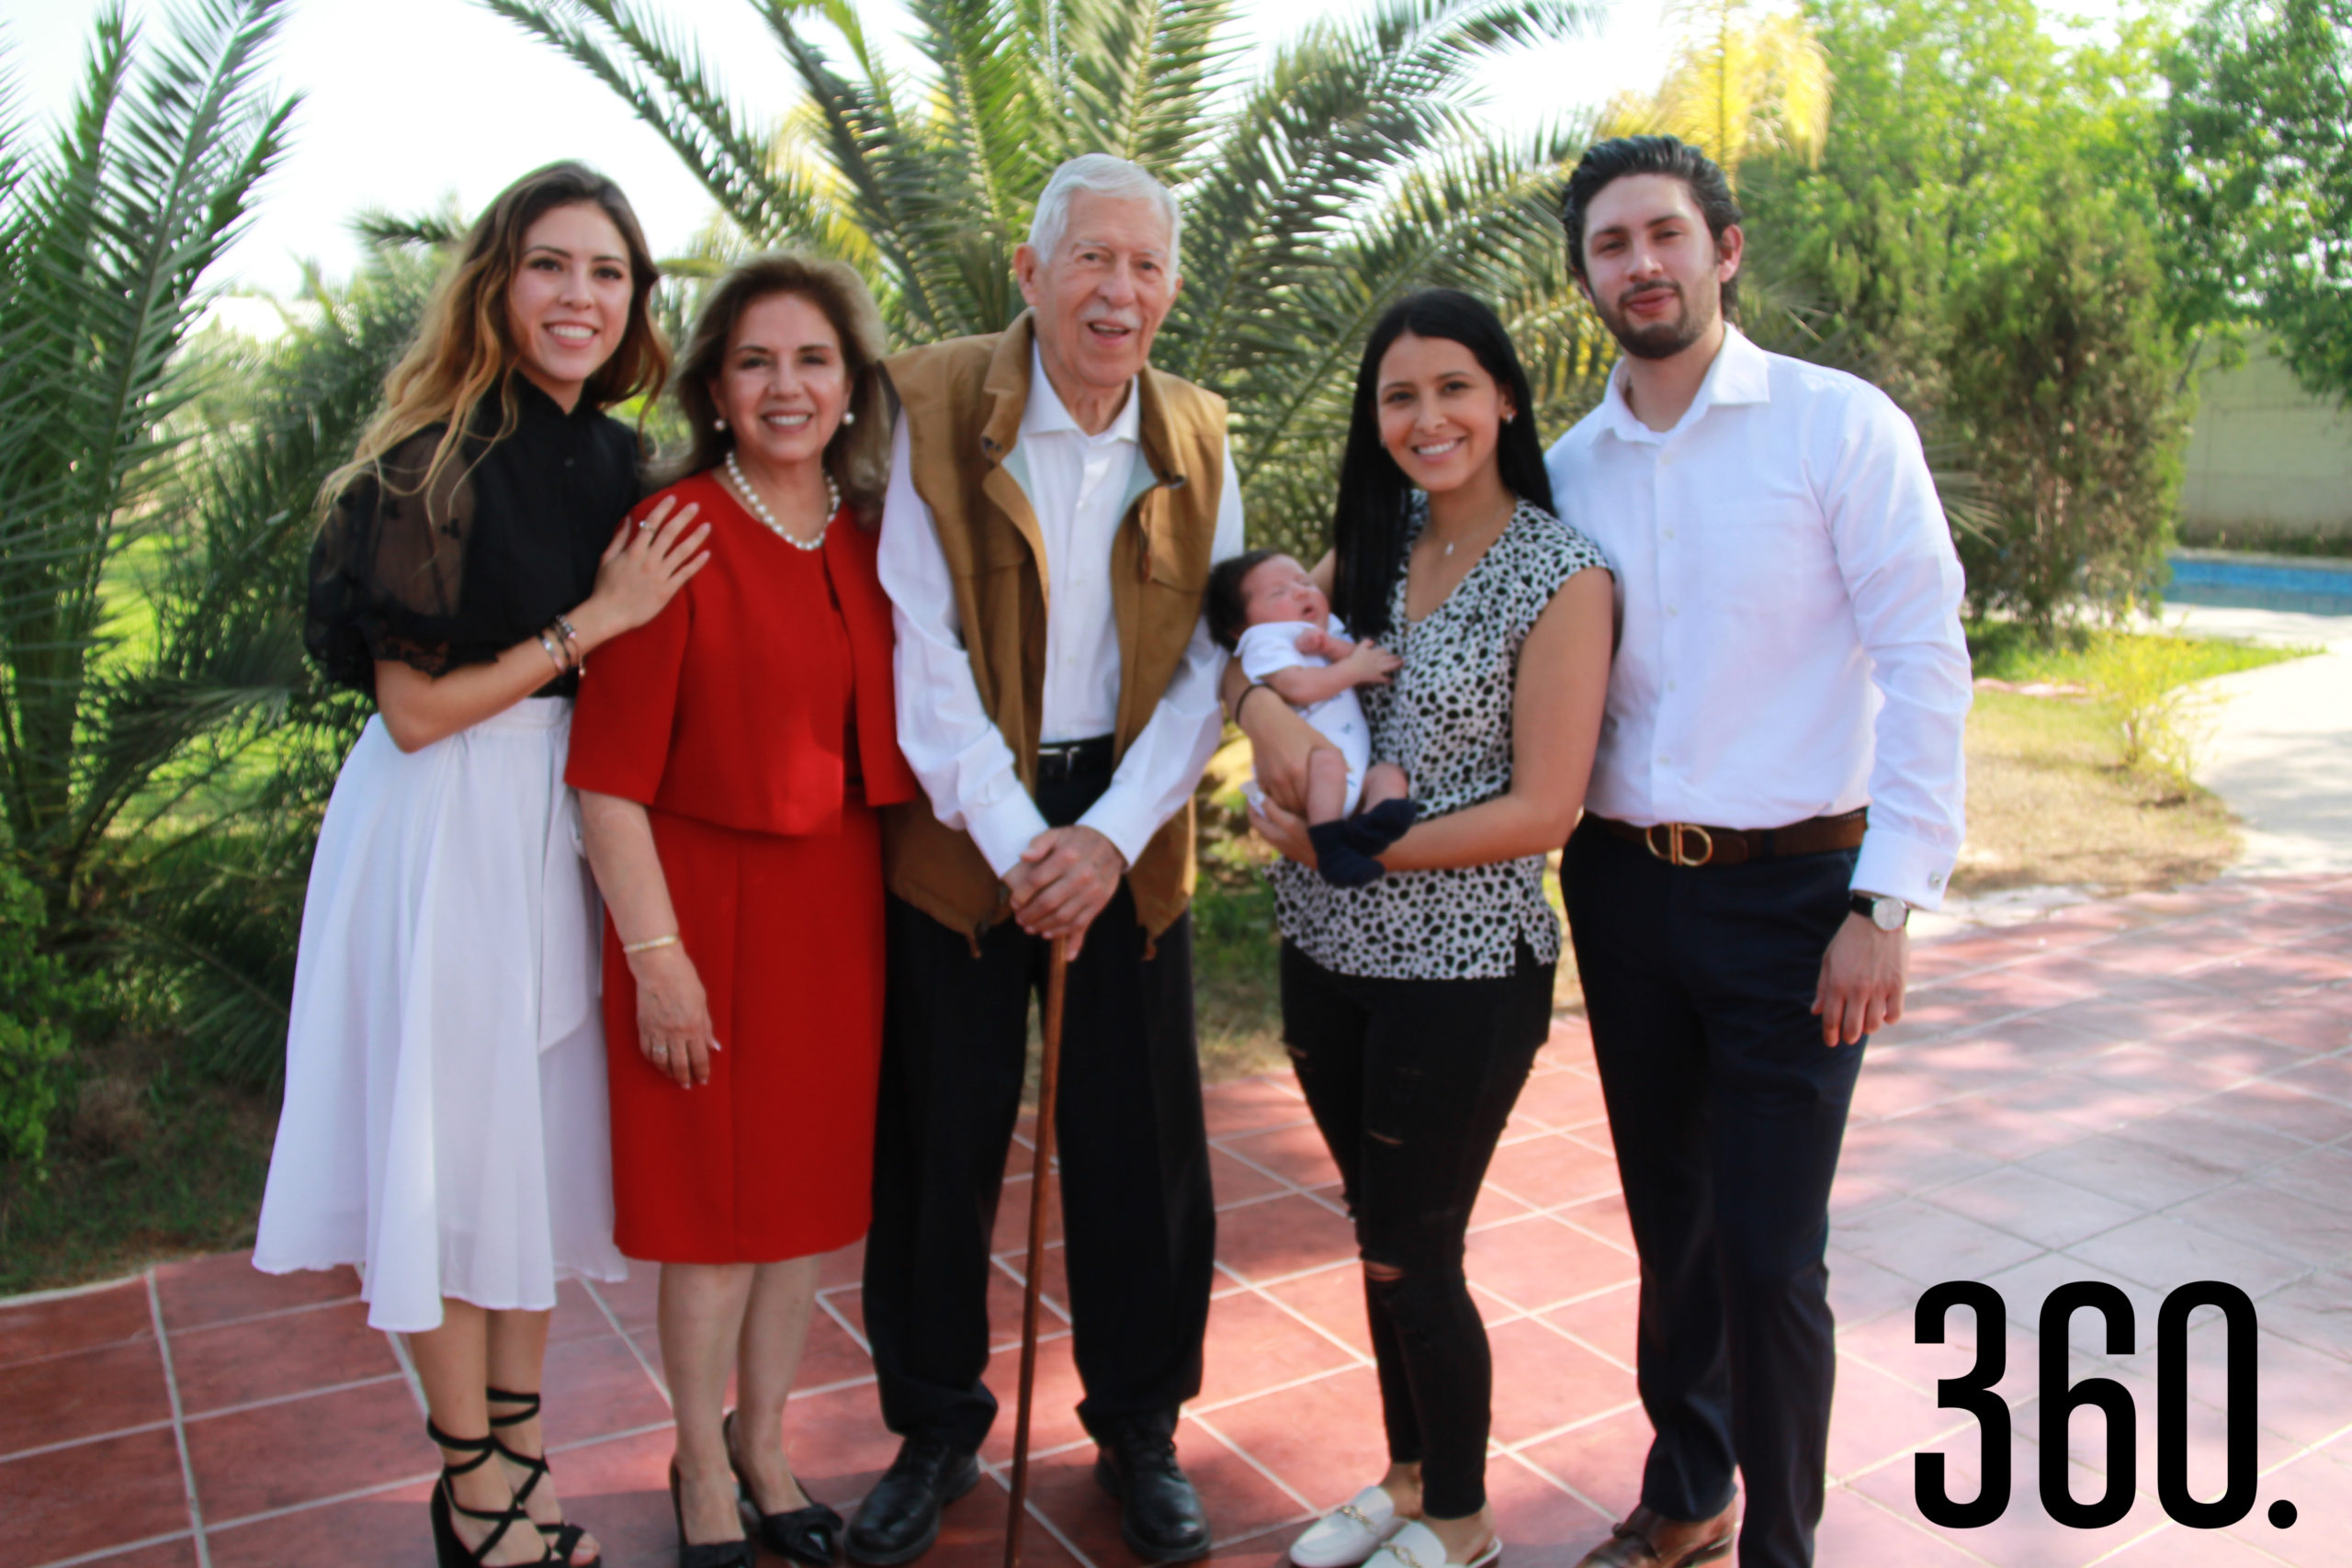 El festejado acompañado por su esposa Lucila Ruiz Muzquiz, sus hijos Luly y Fedérico; su nieto Leonardo y su nuera Alexia Carter.